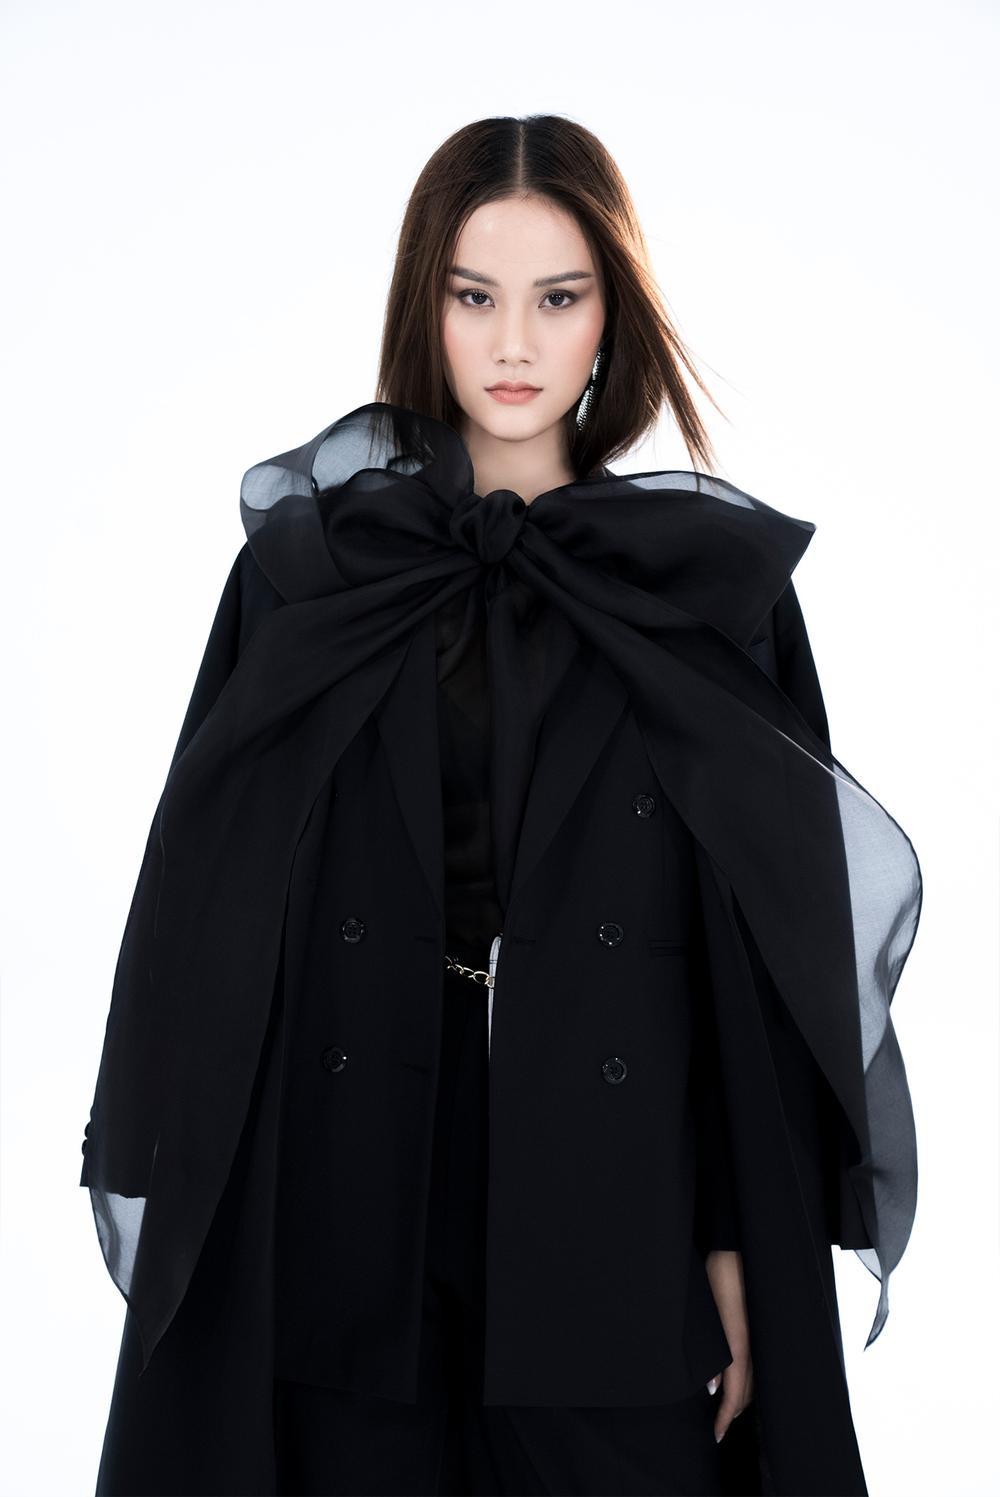 NTK Trần Hùng ra mắt BST tại London Fashion Week, chỉ dùng một người mẫu duy nhất Ảnh 5